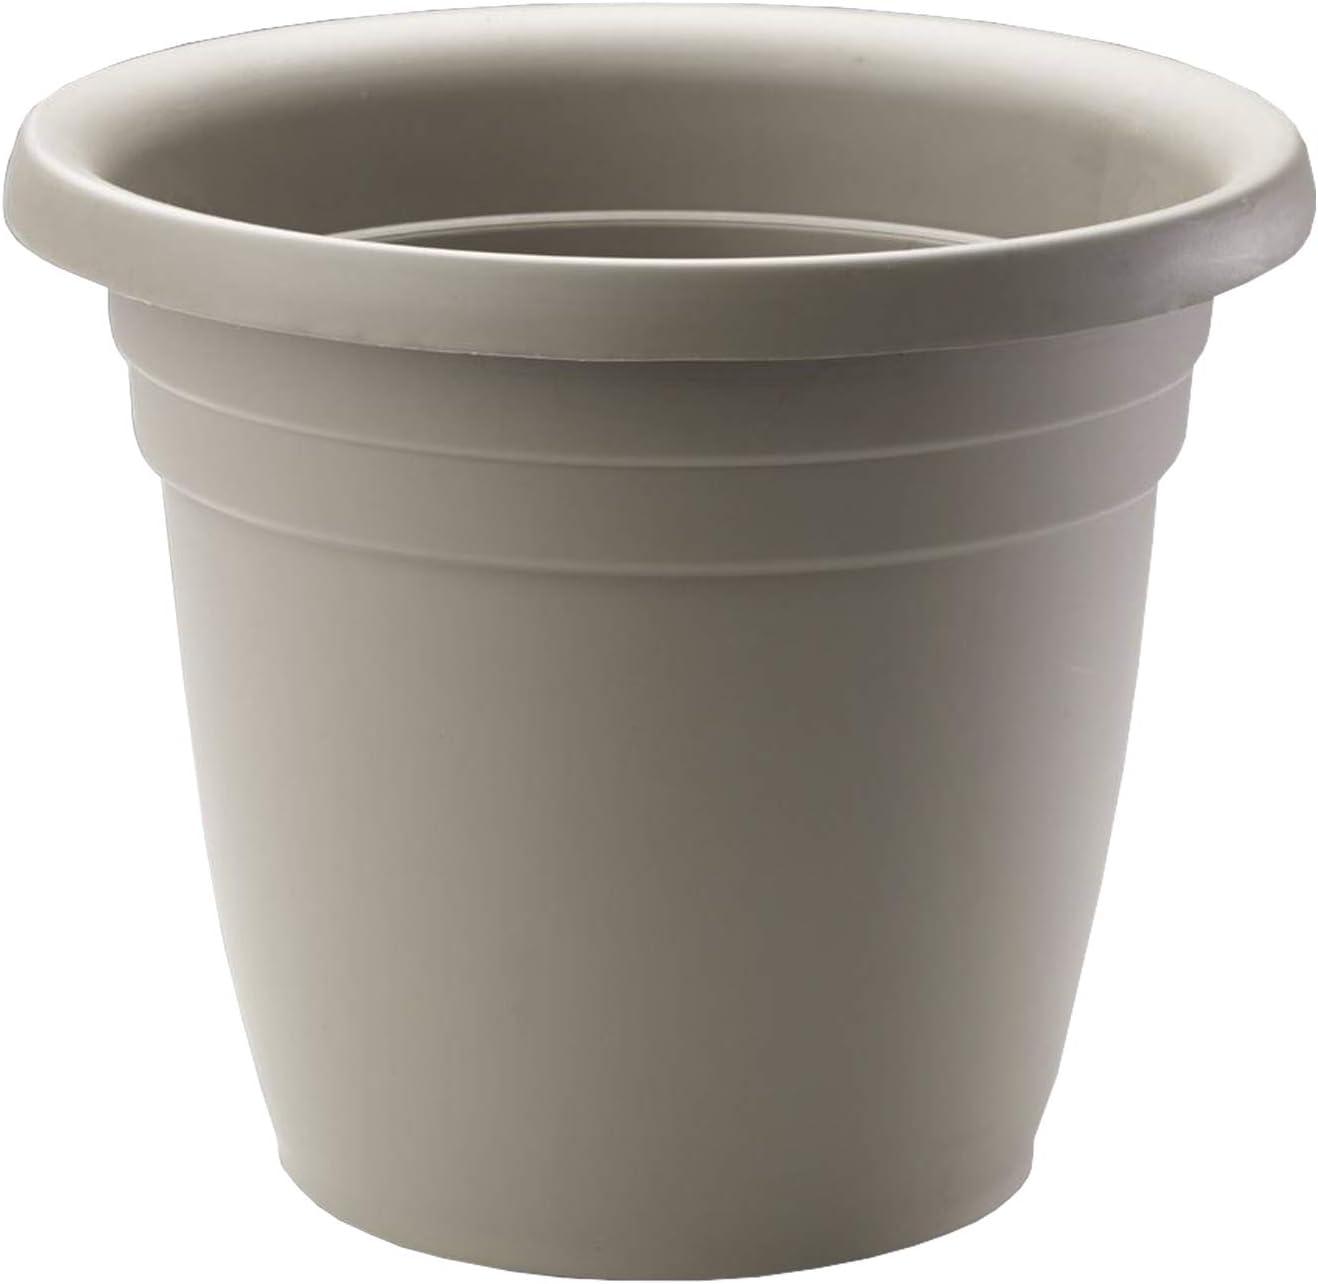 Crescent Too Emma Plant Pot, 8-Inch Cappuccino (Bag of 12)